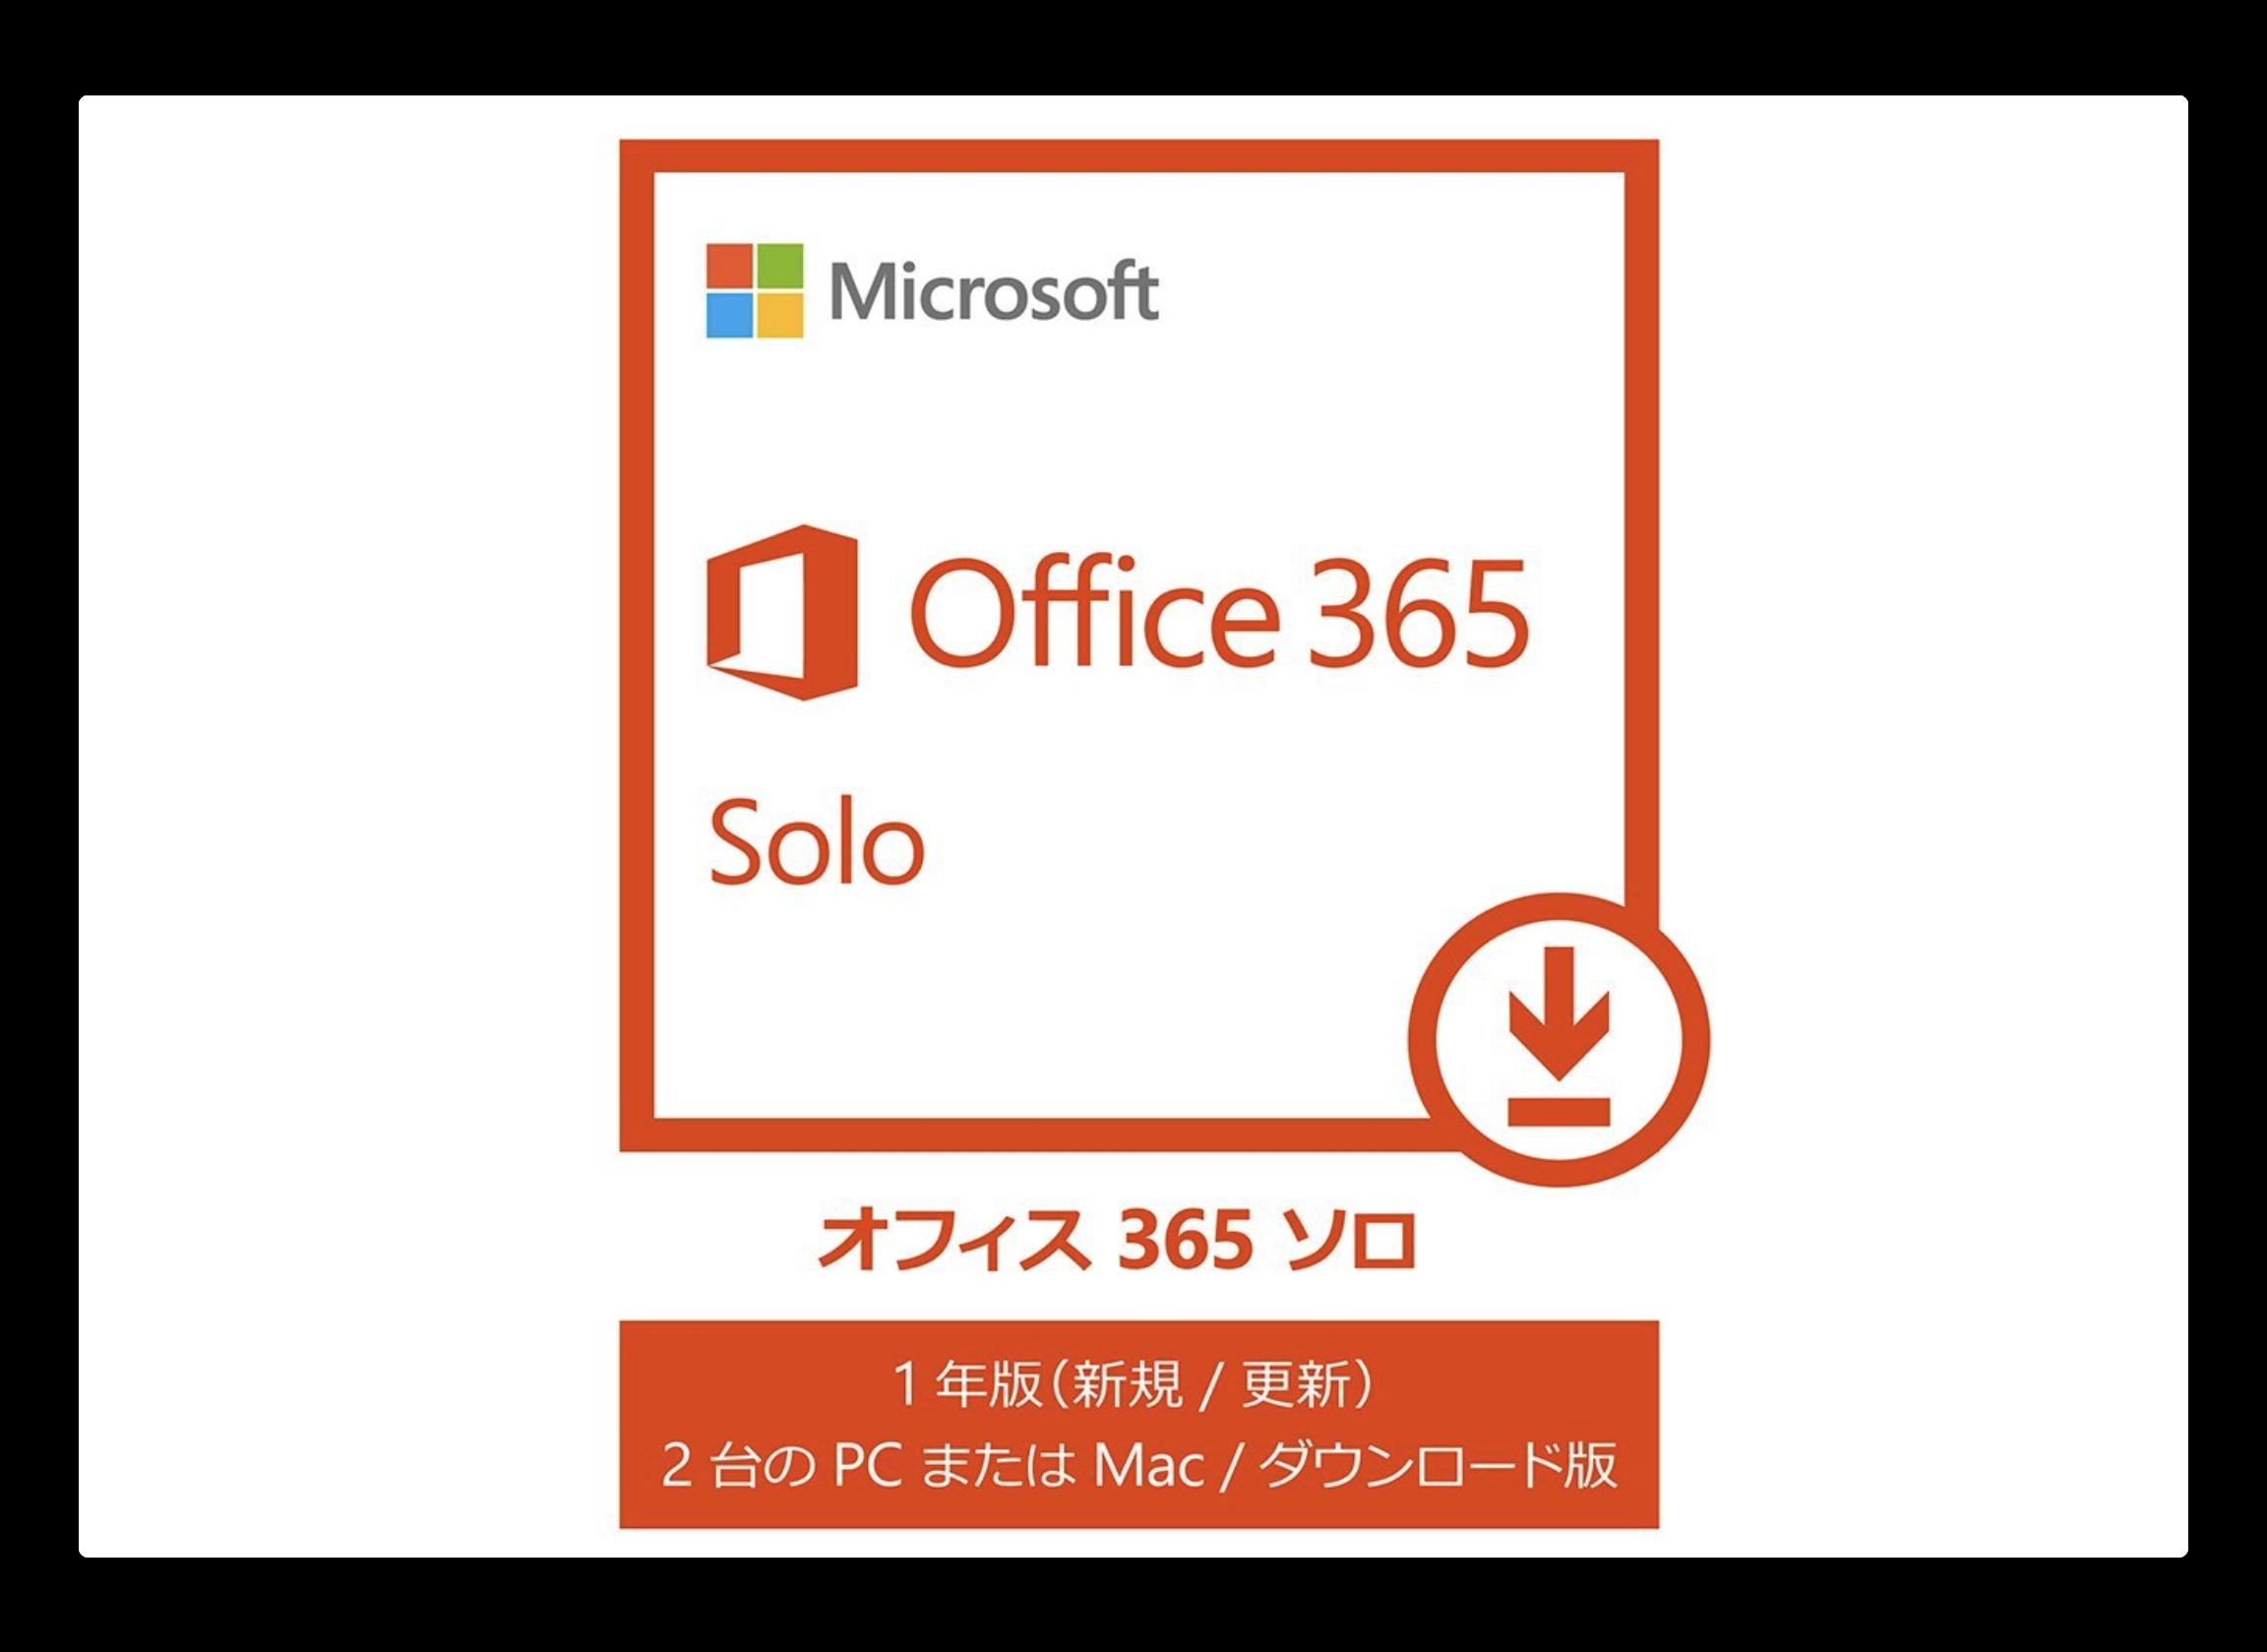 AmazonでWin/Mac対応「Office 365 Solo」などMicrosoft Officeがレジで割引キャンペーン